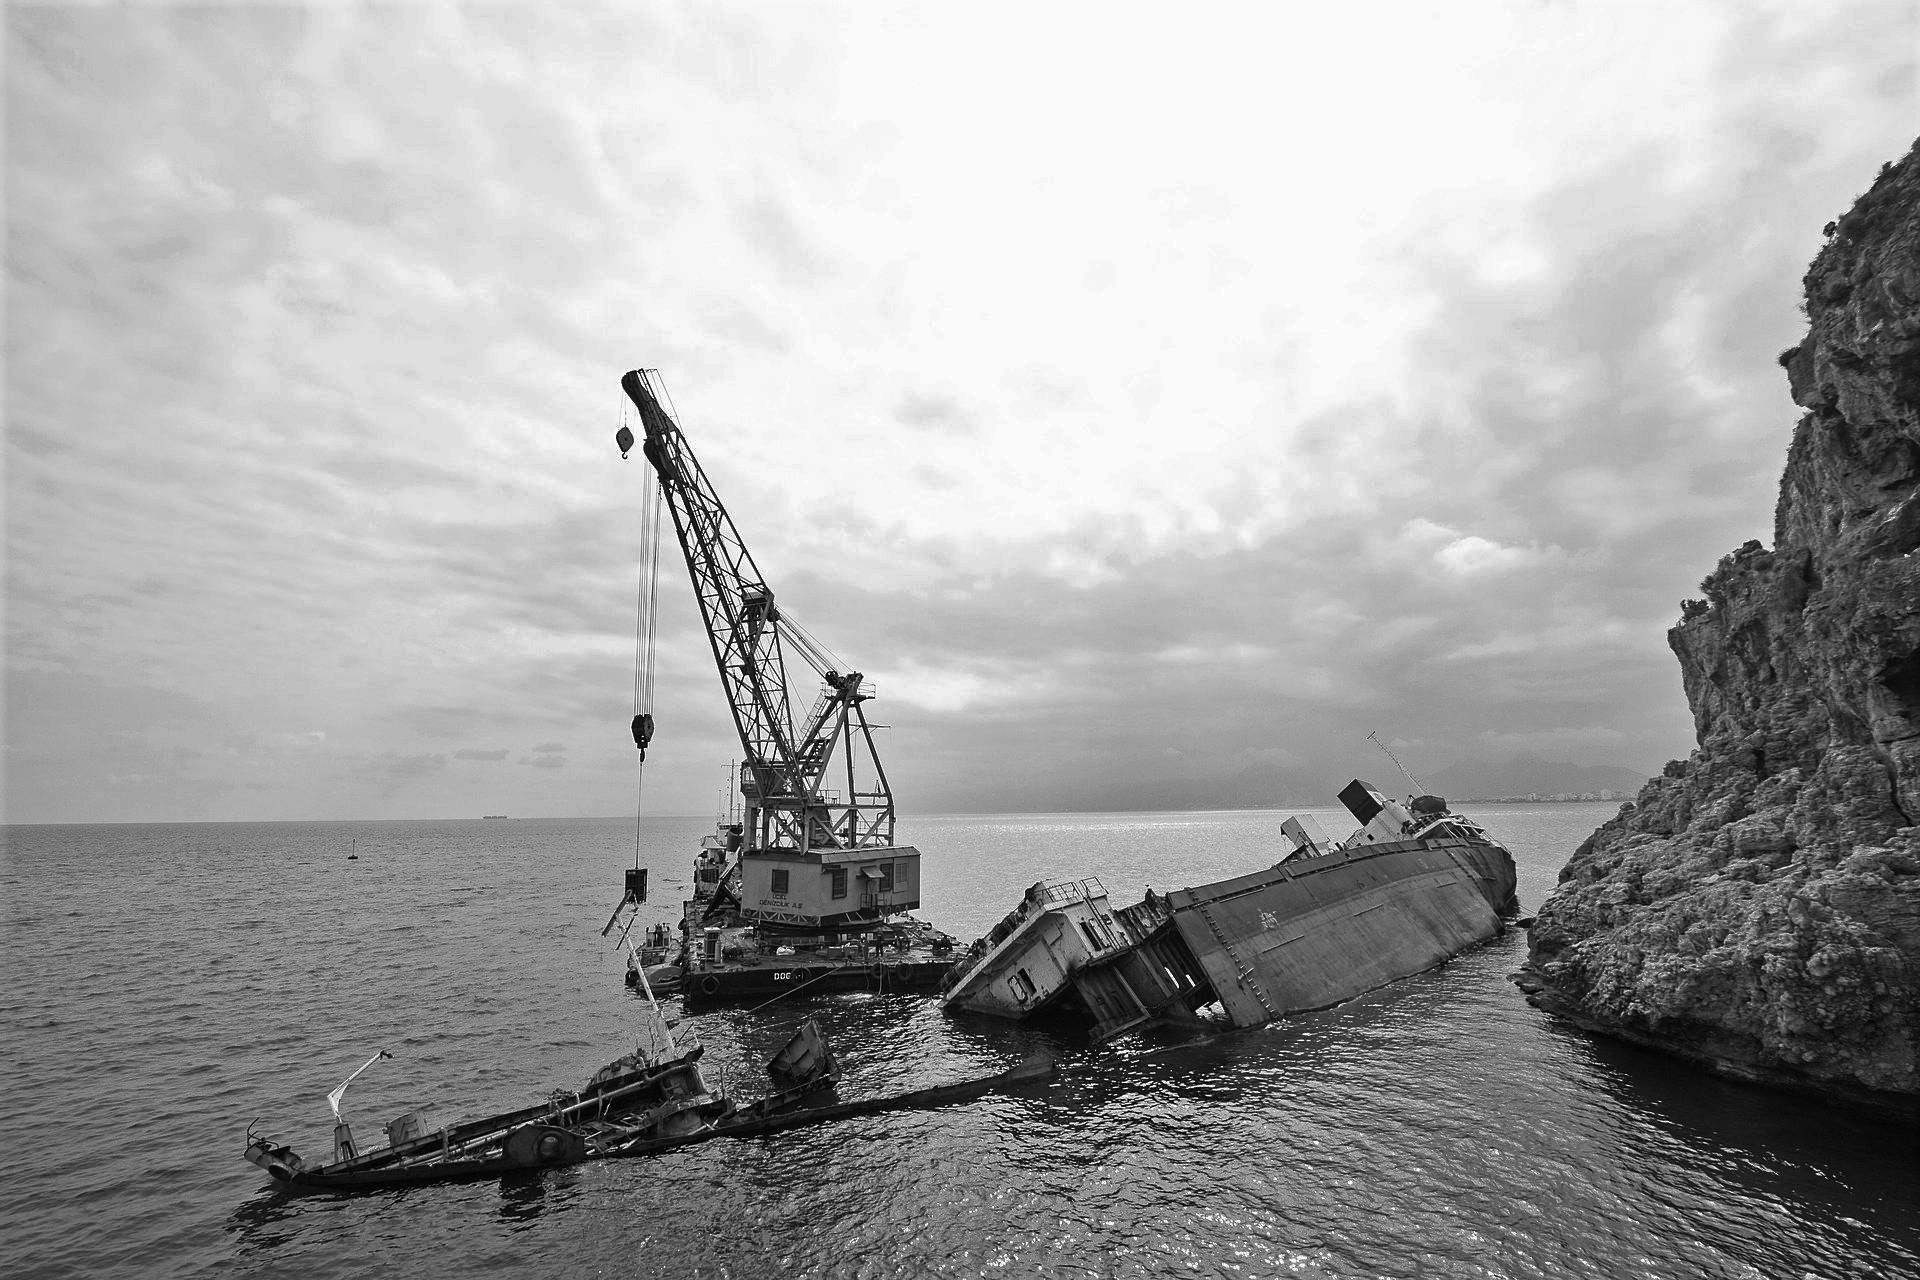 青函トンネル建設前は海難事故が多かった【新幹線計画もあった】